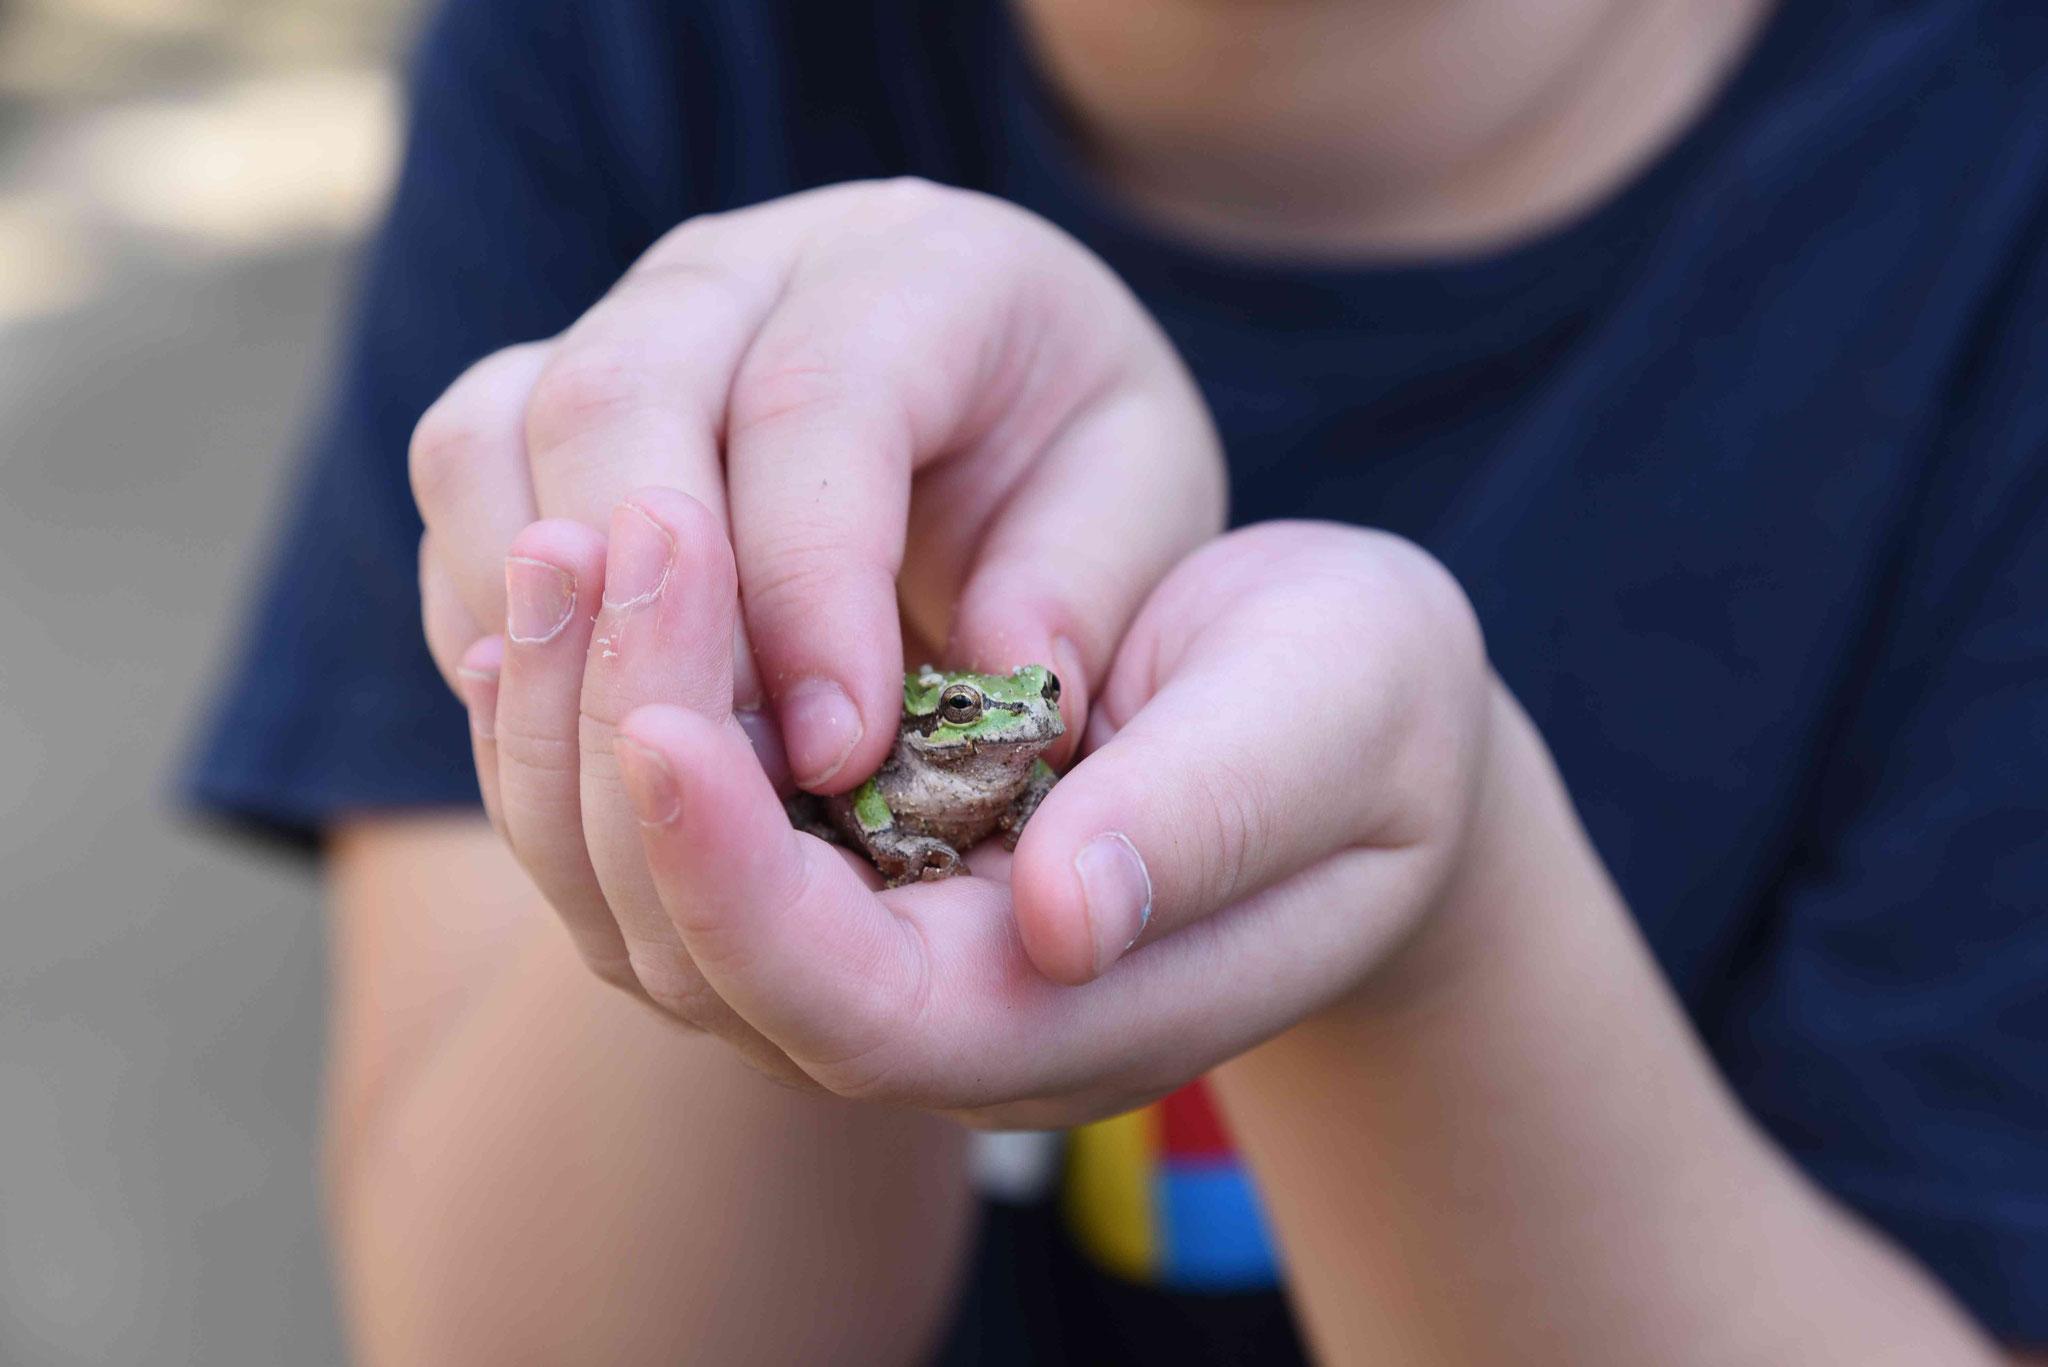 Frosch in der Hand eines koreanischen Mädchens